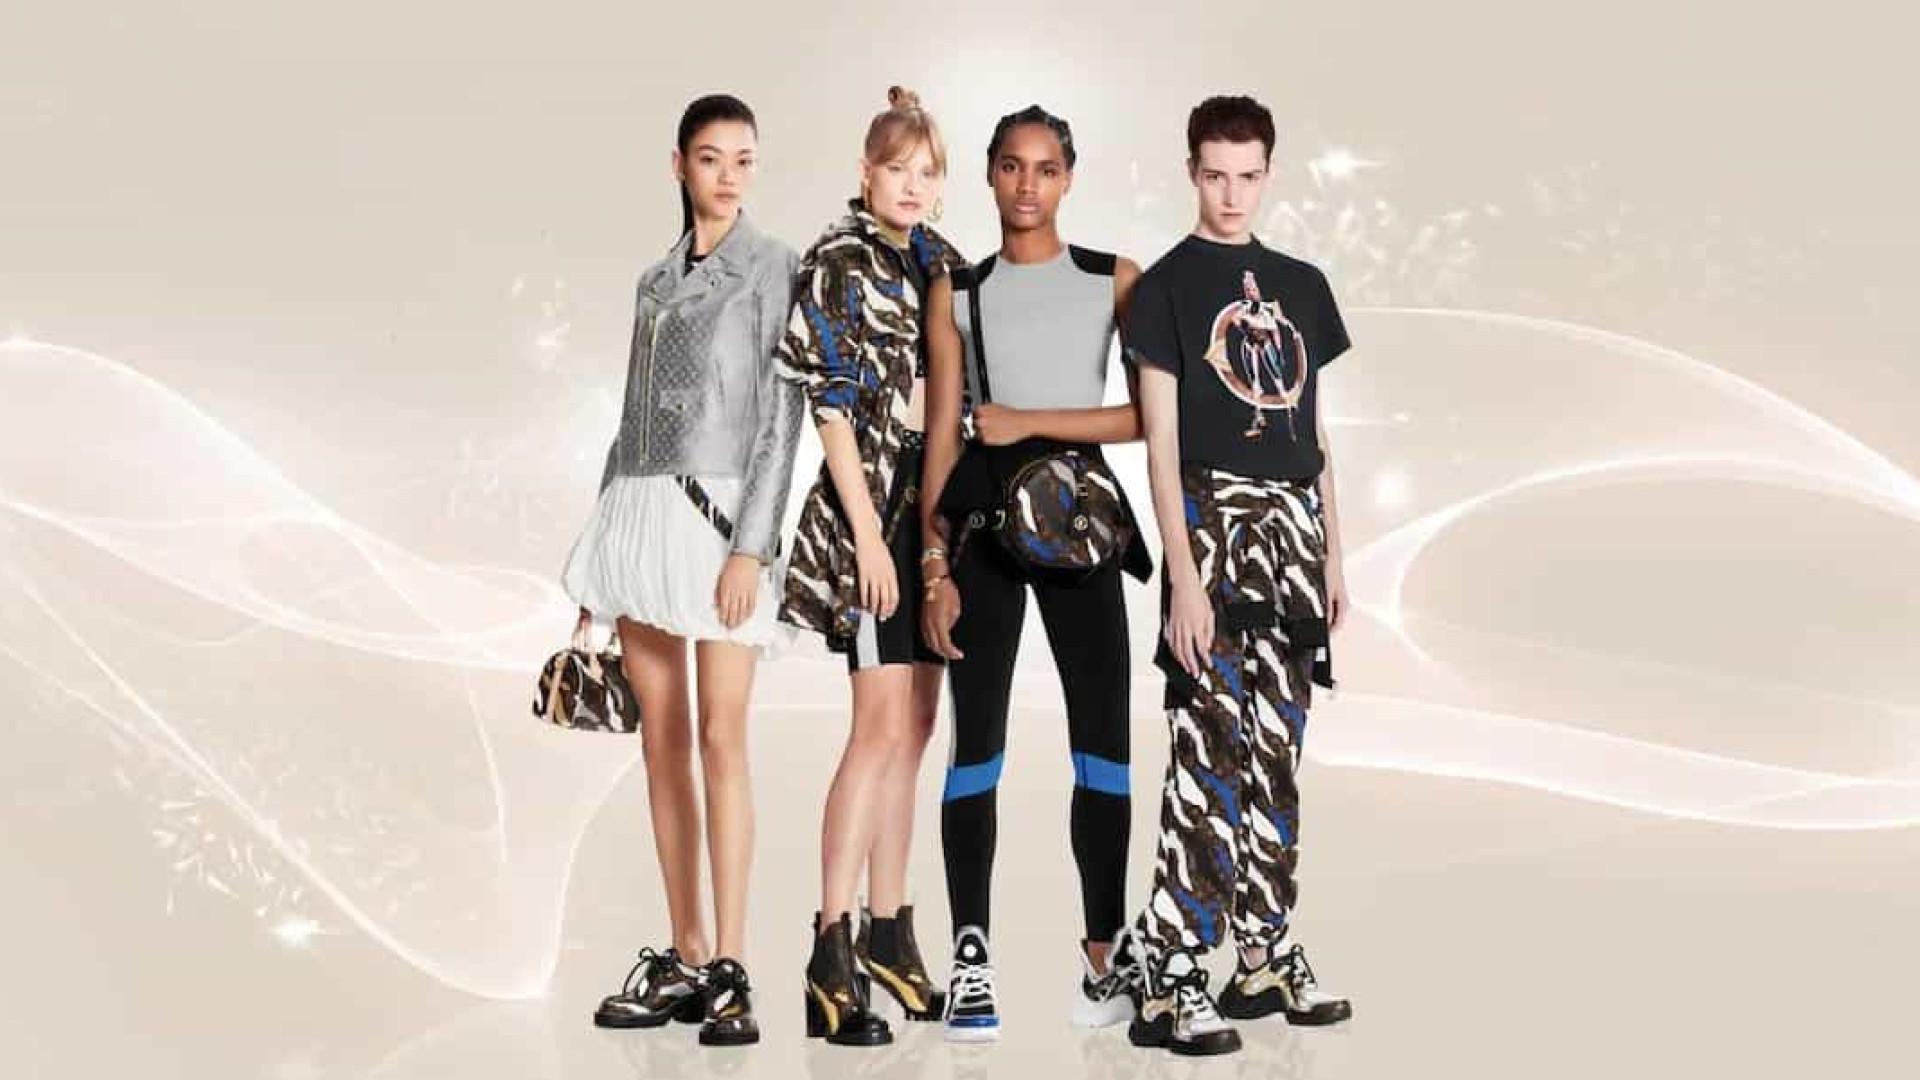 Louis Vuitton desvendou coleção inspirada em 'League of Legends'